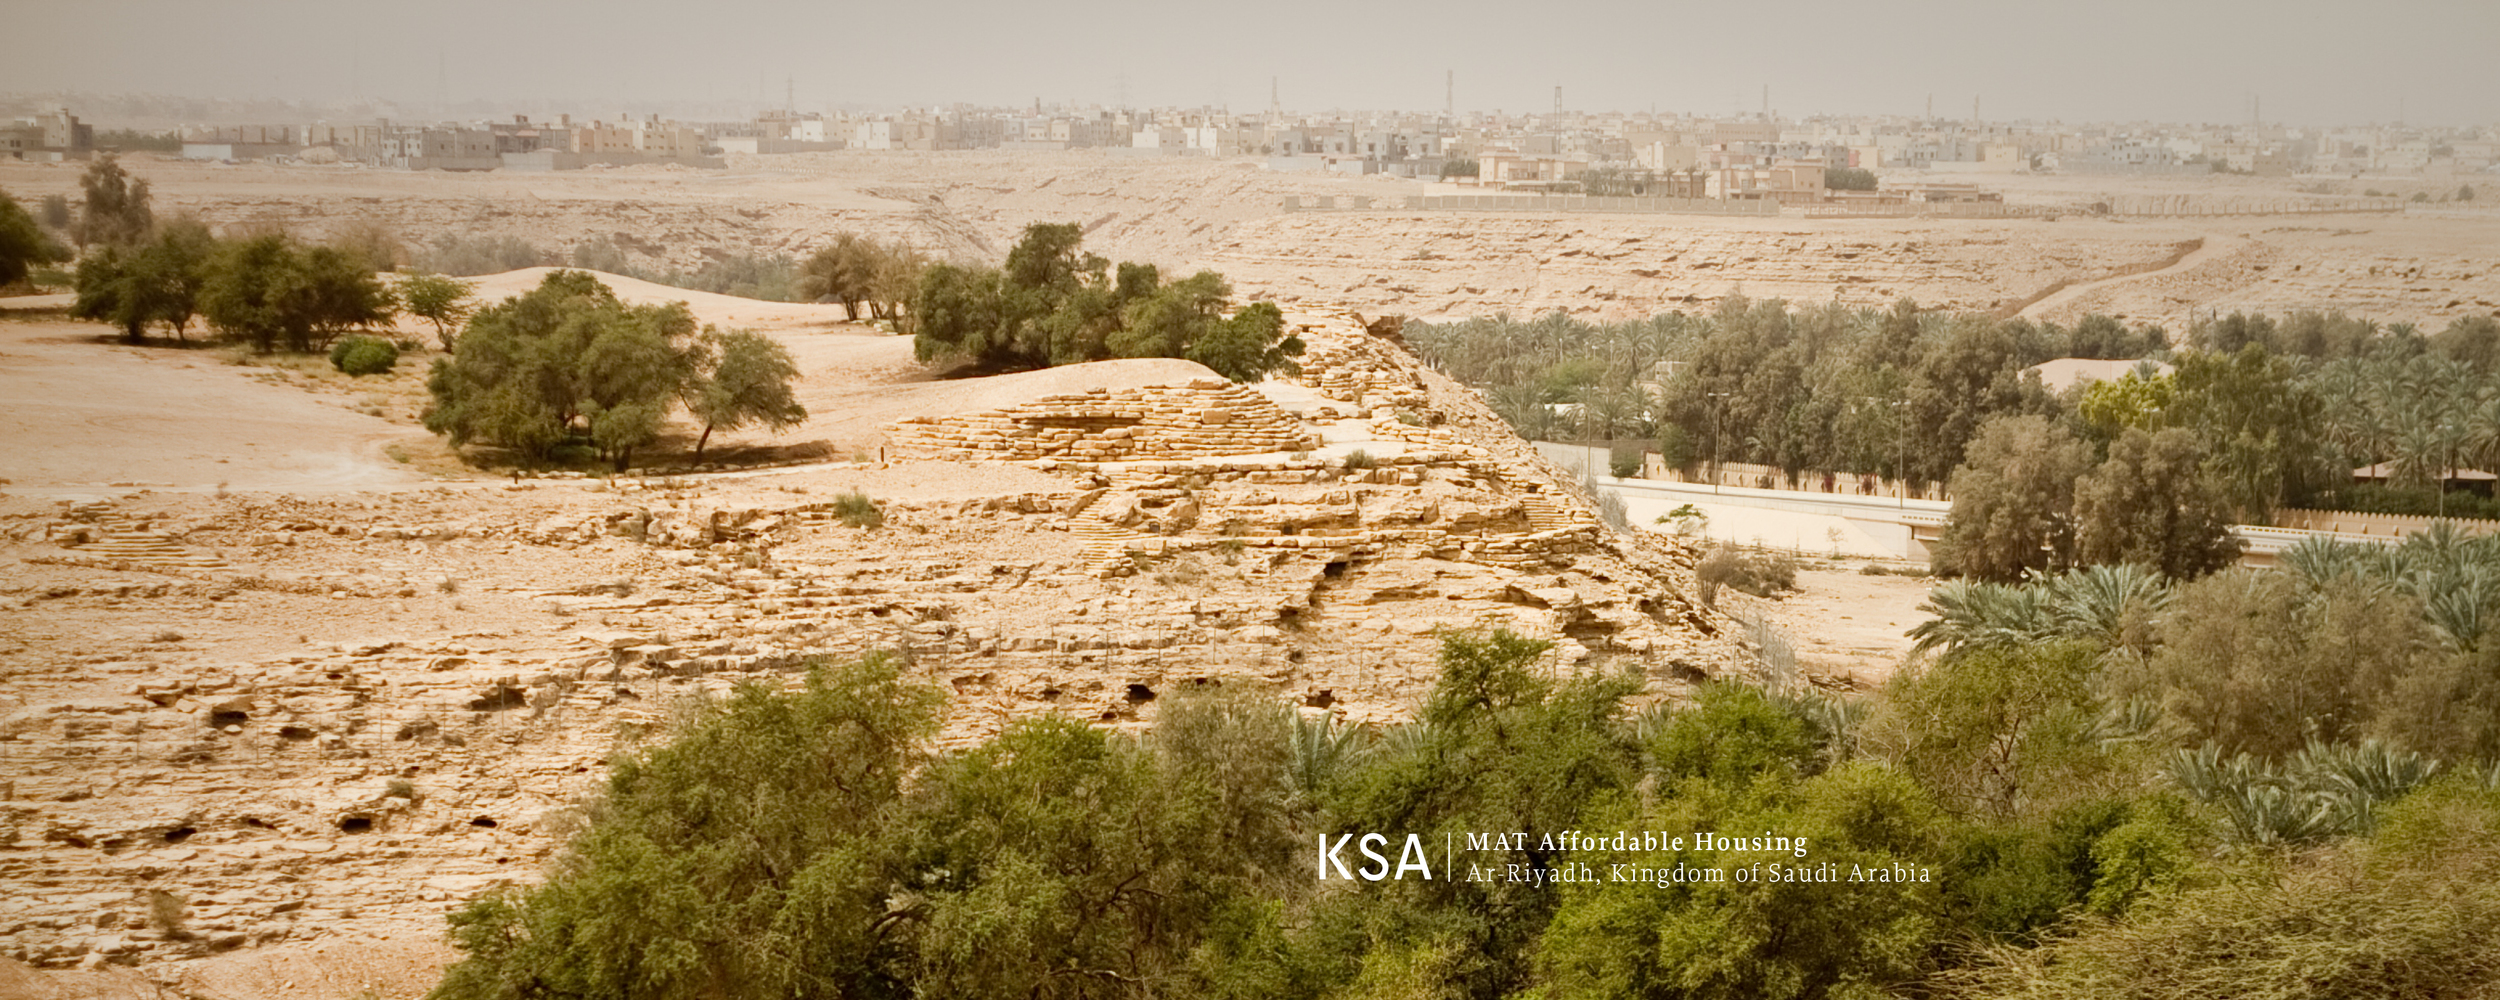 KSA Mat - Riyadh, Kingdom of Saudi Arabia